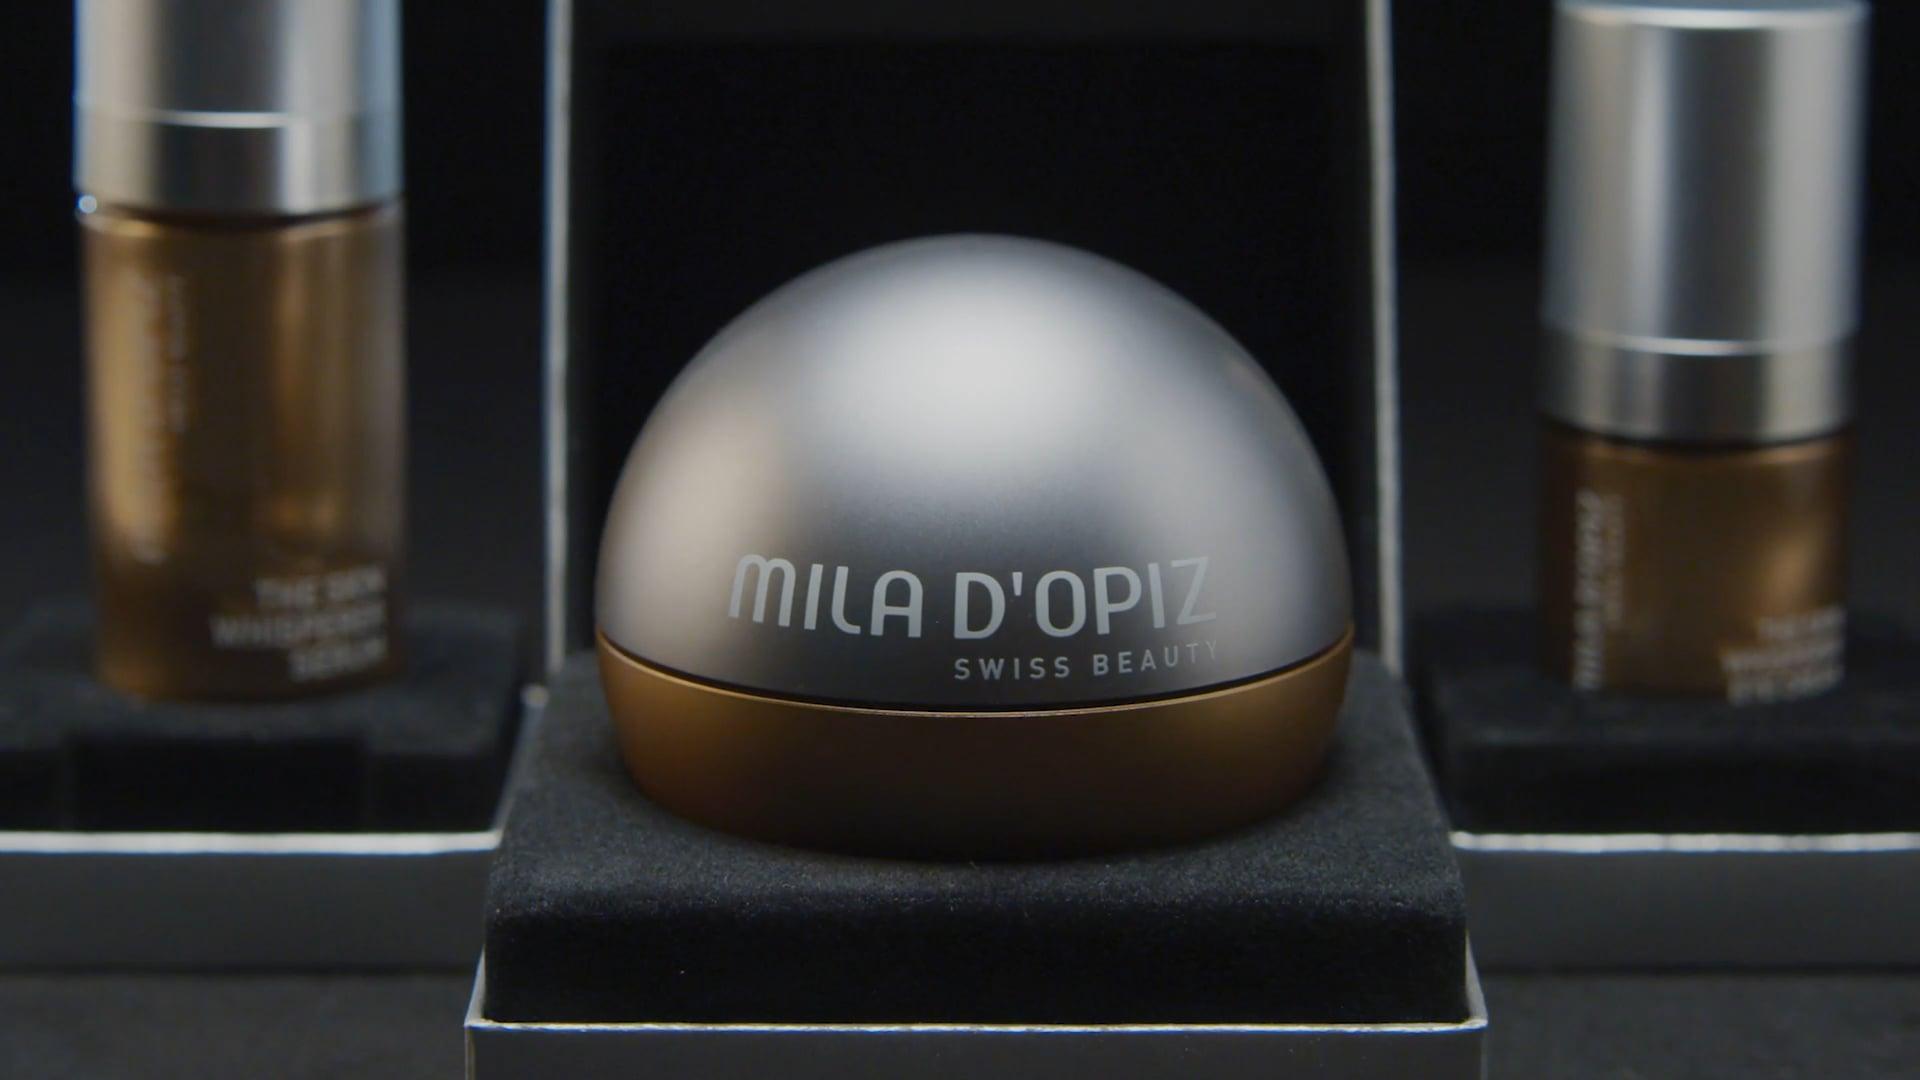 MILA DOPIZ